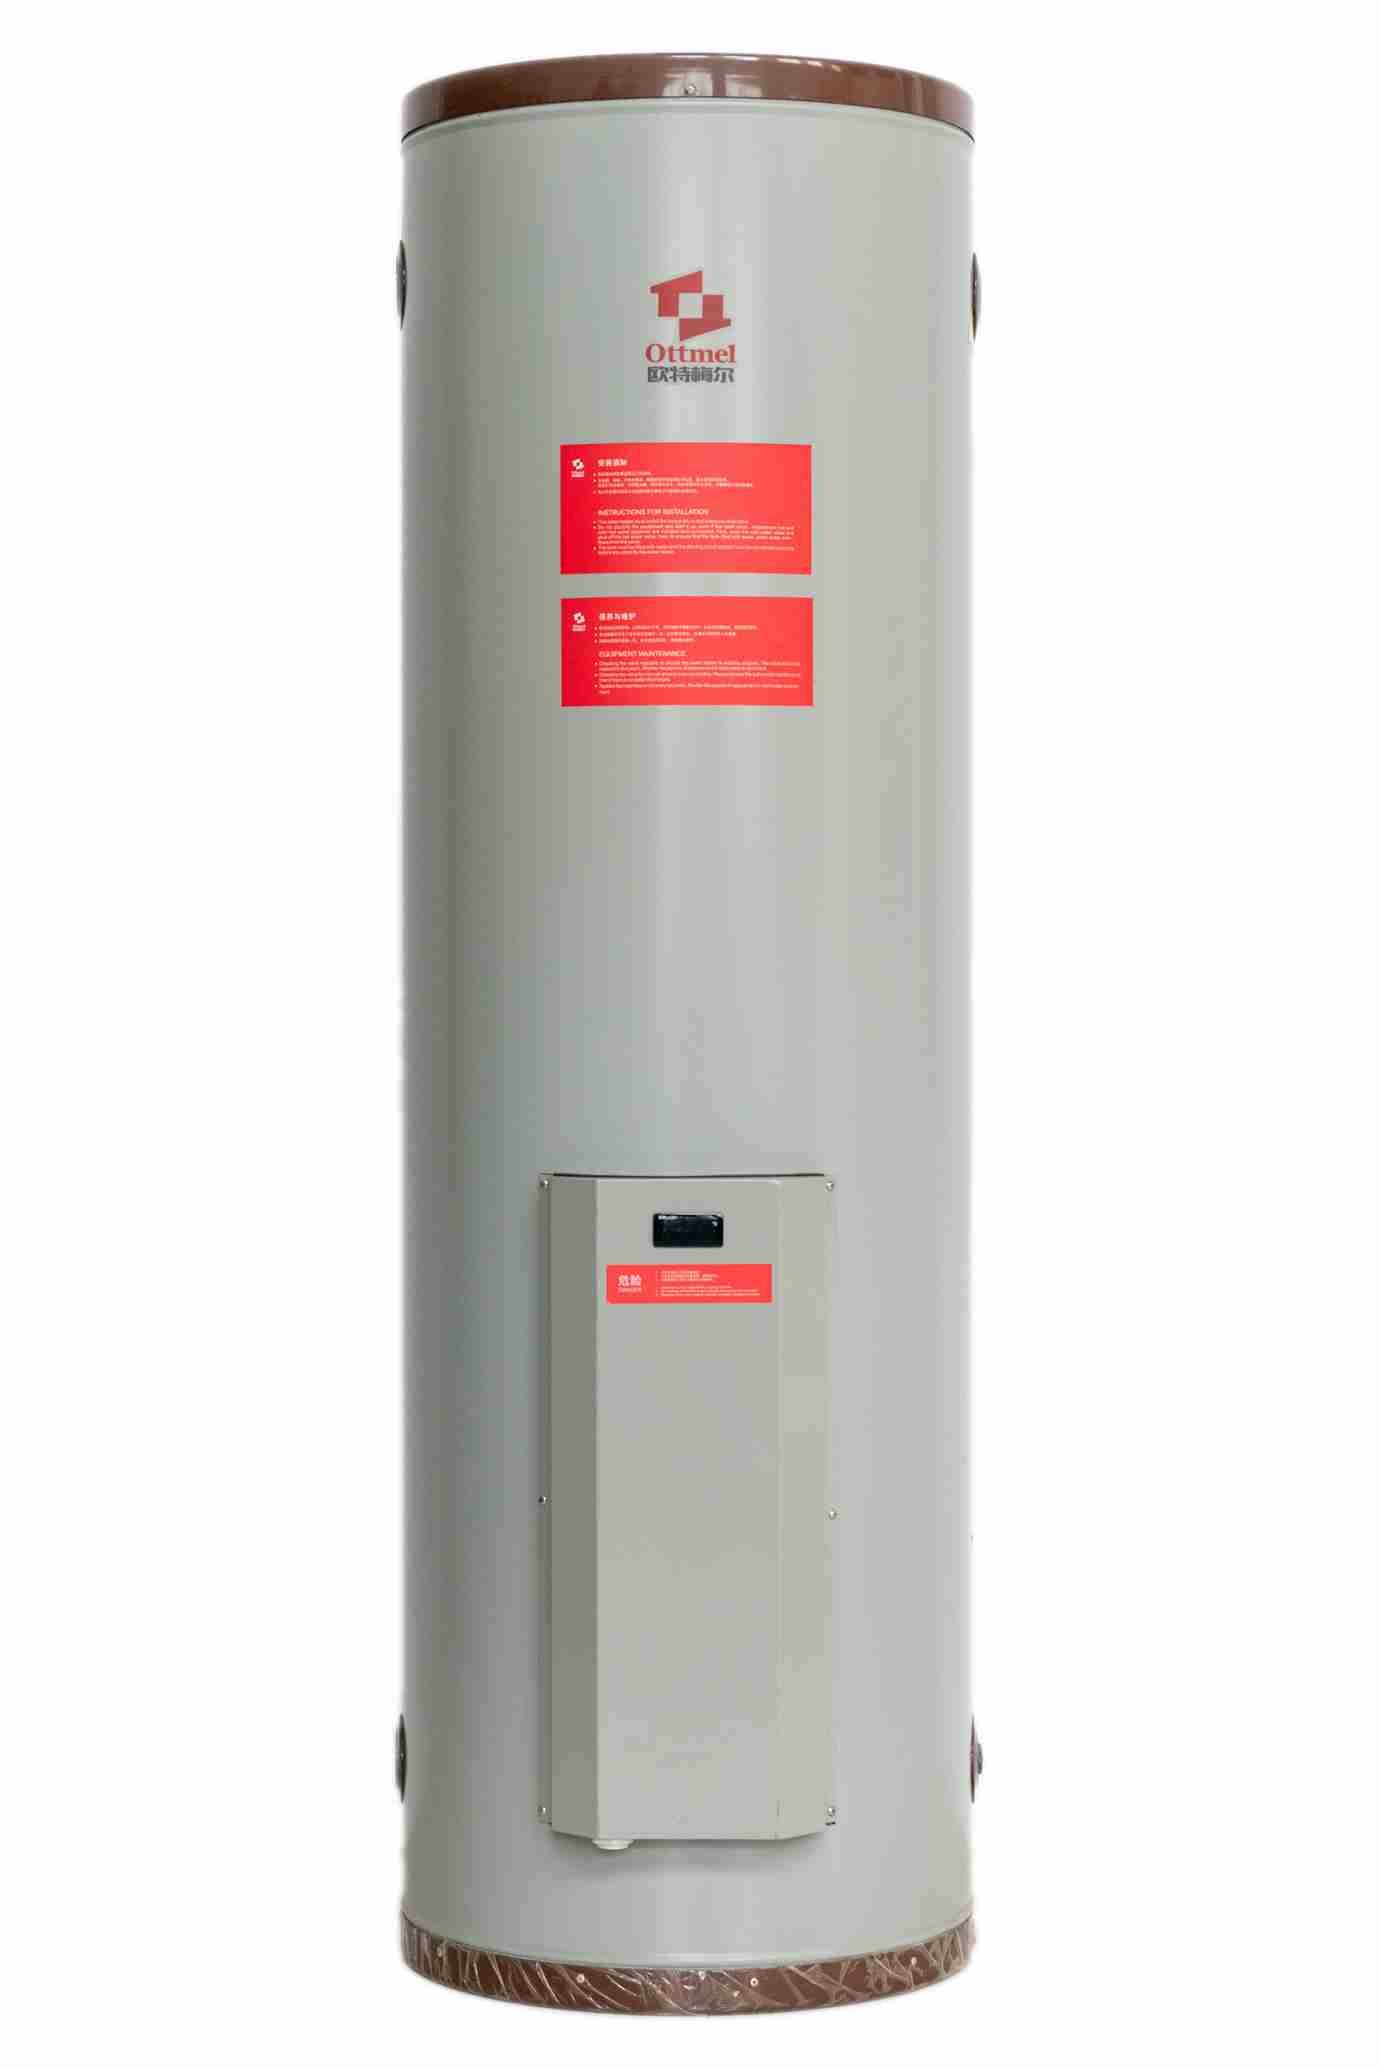 美鹰商用容积式热水器工厂 欧特梅尔新能源供应